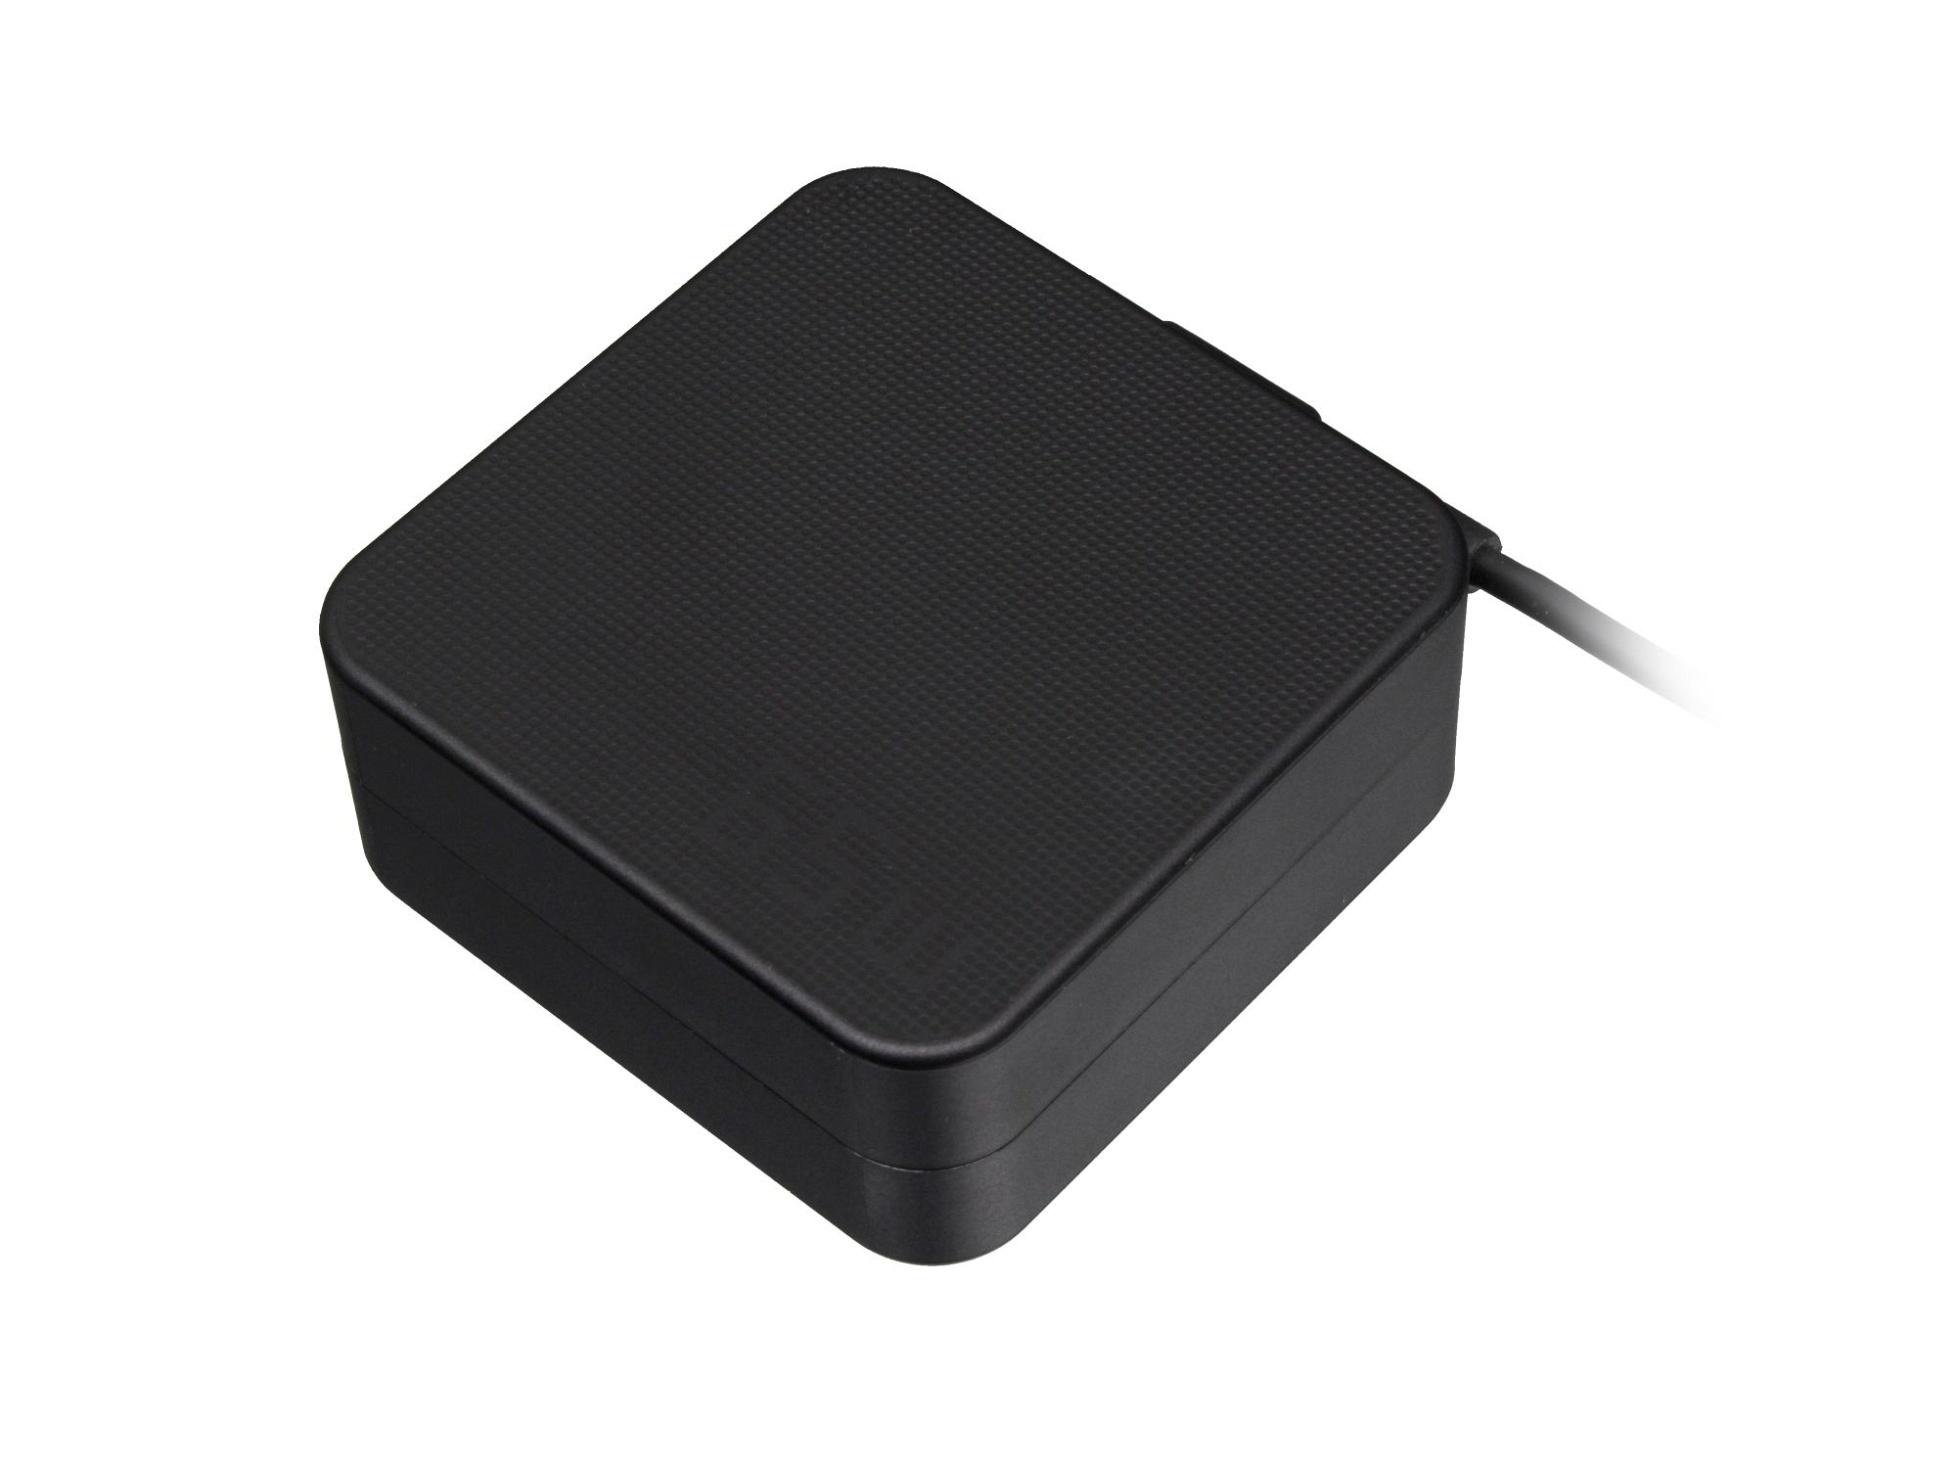 chargeur pour ordinateur portable asus f555lp serie ebay. Black Bedroom Furniture Sets. Home Design Ideas